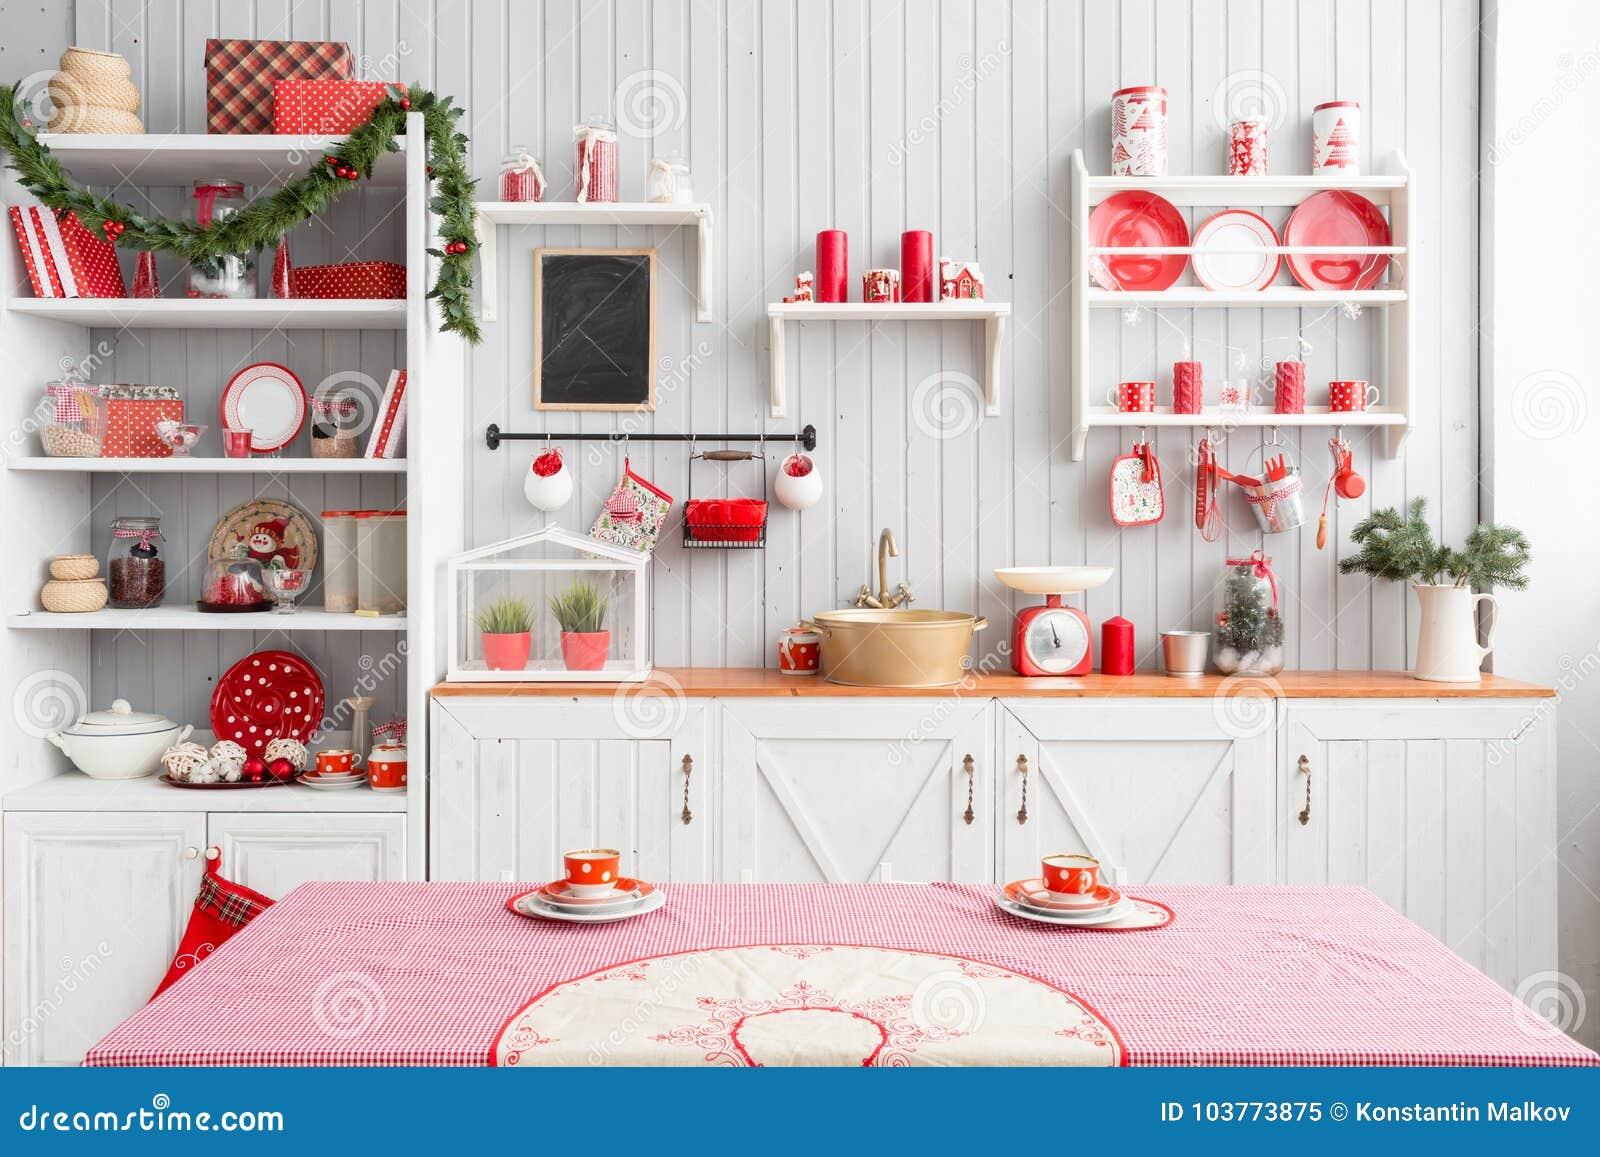 Cocina gris clara interior y decoración roja de la Navidad Preparando el almuerzo en casa en el concepto de la cocina